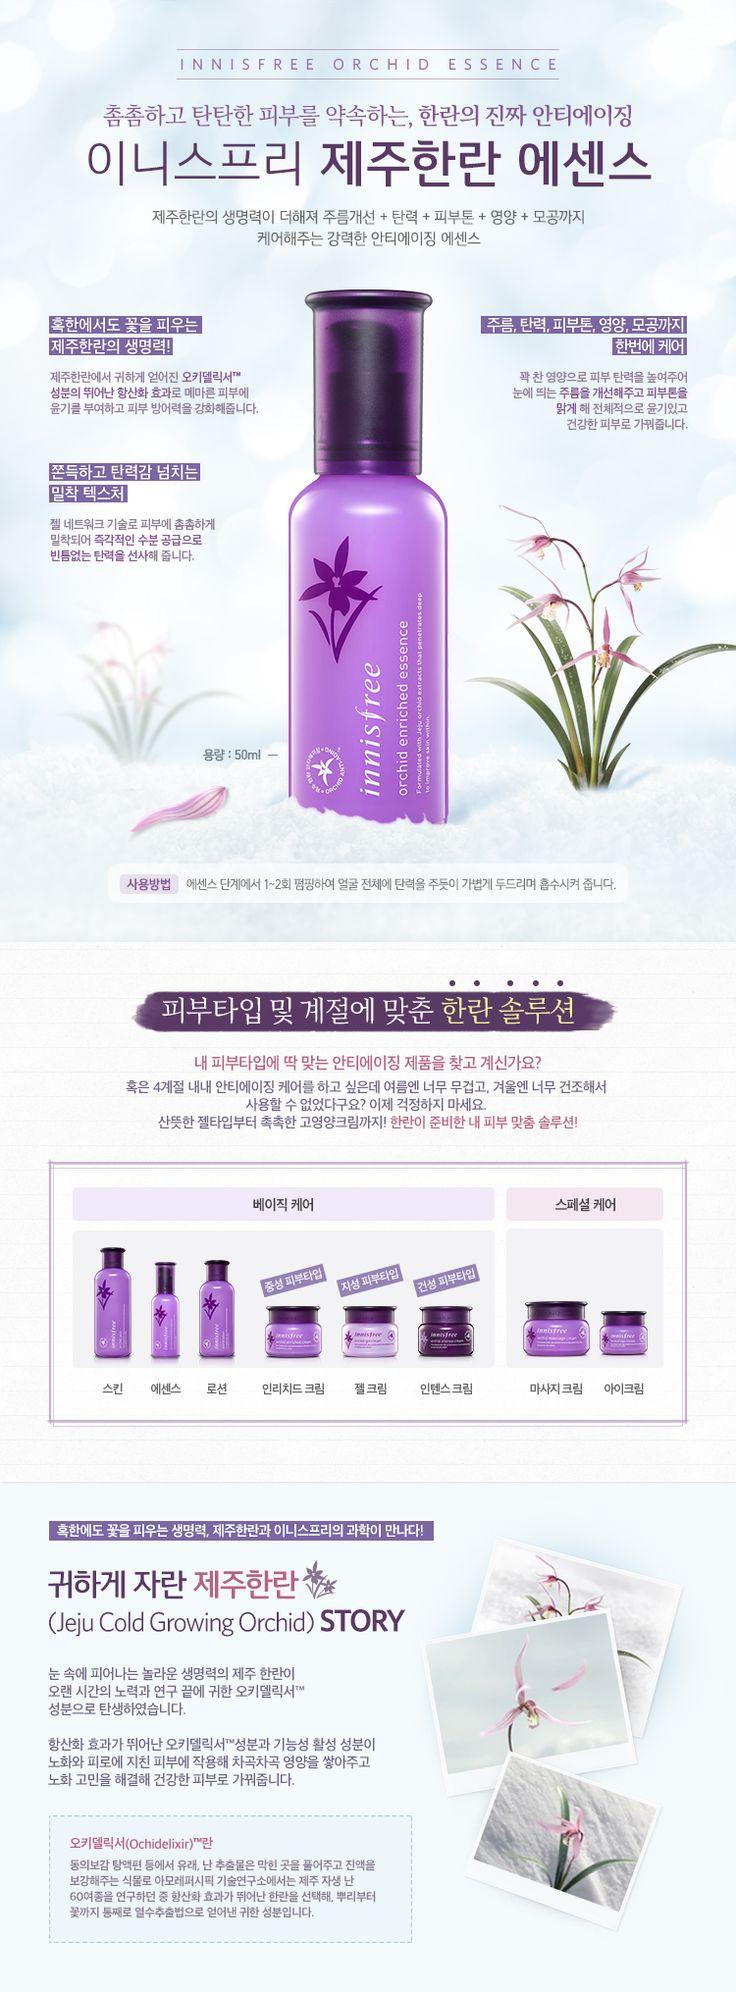 쇼핑하기 > 한란 > 에센스 | Natural benefit from Jeju, innisfree